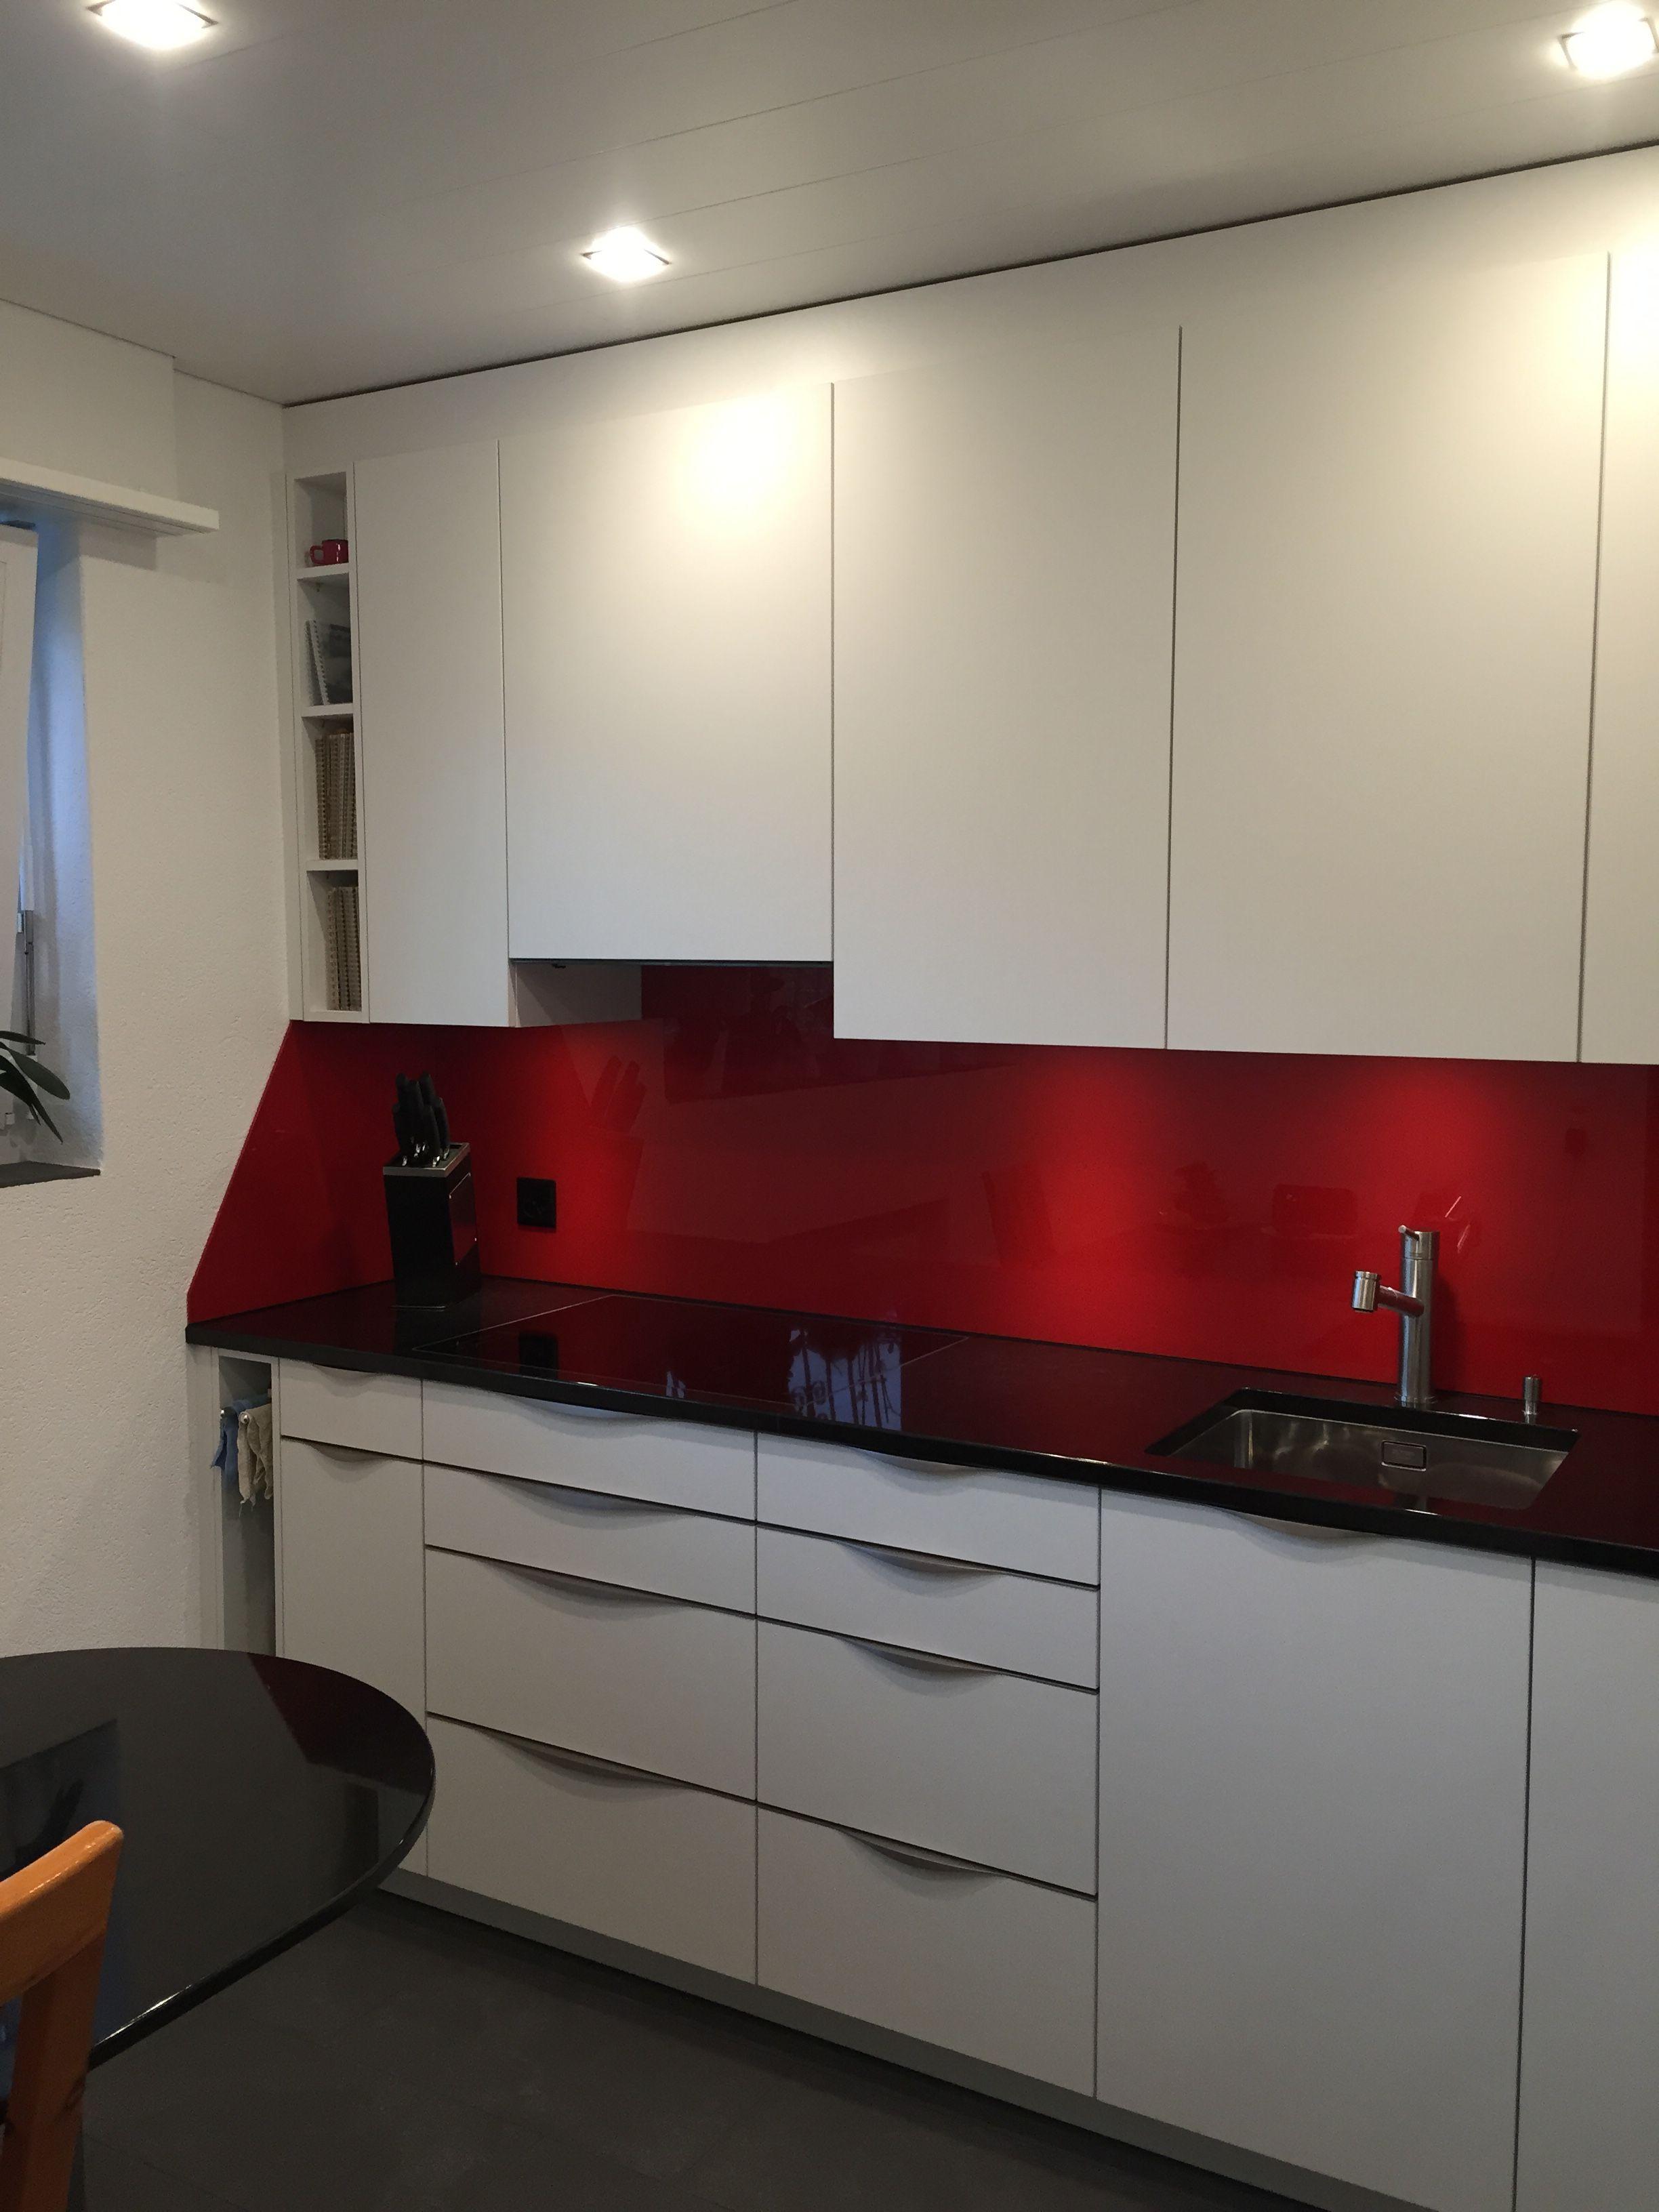 wir finden auch f r ihre k che eine harmonische kombination der farben agenturunsac. Black Bedroom Furniture Sets. Home Design Ideas